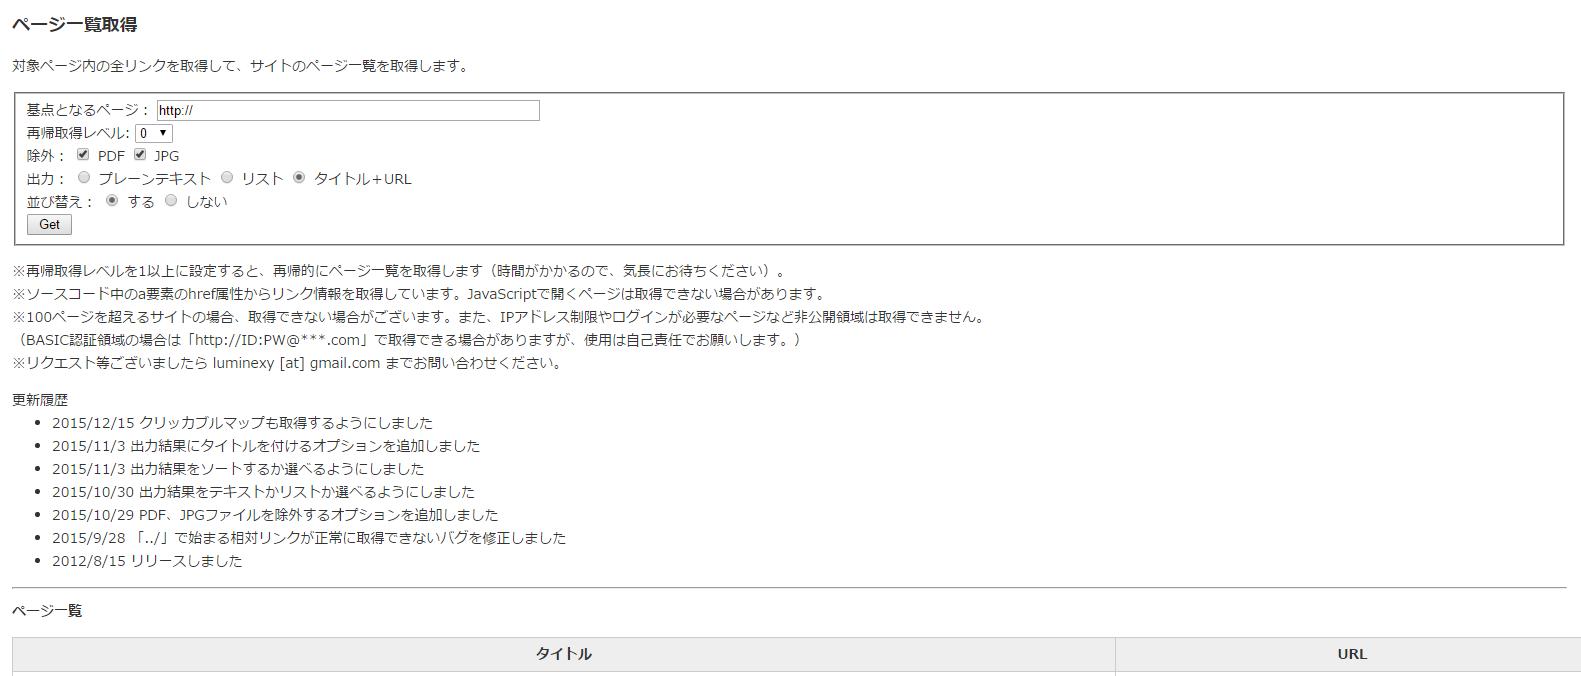 SHINOBU'S MEMO